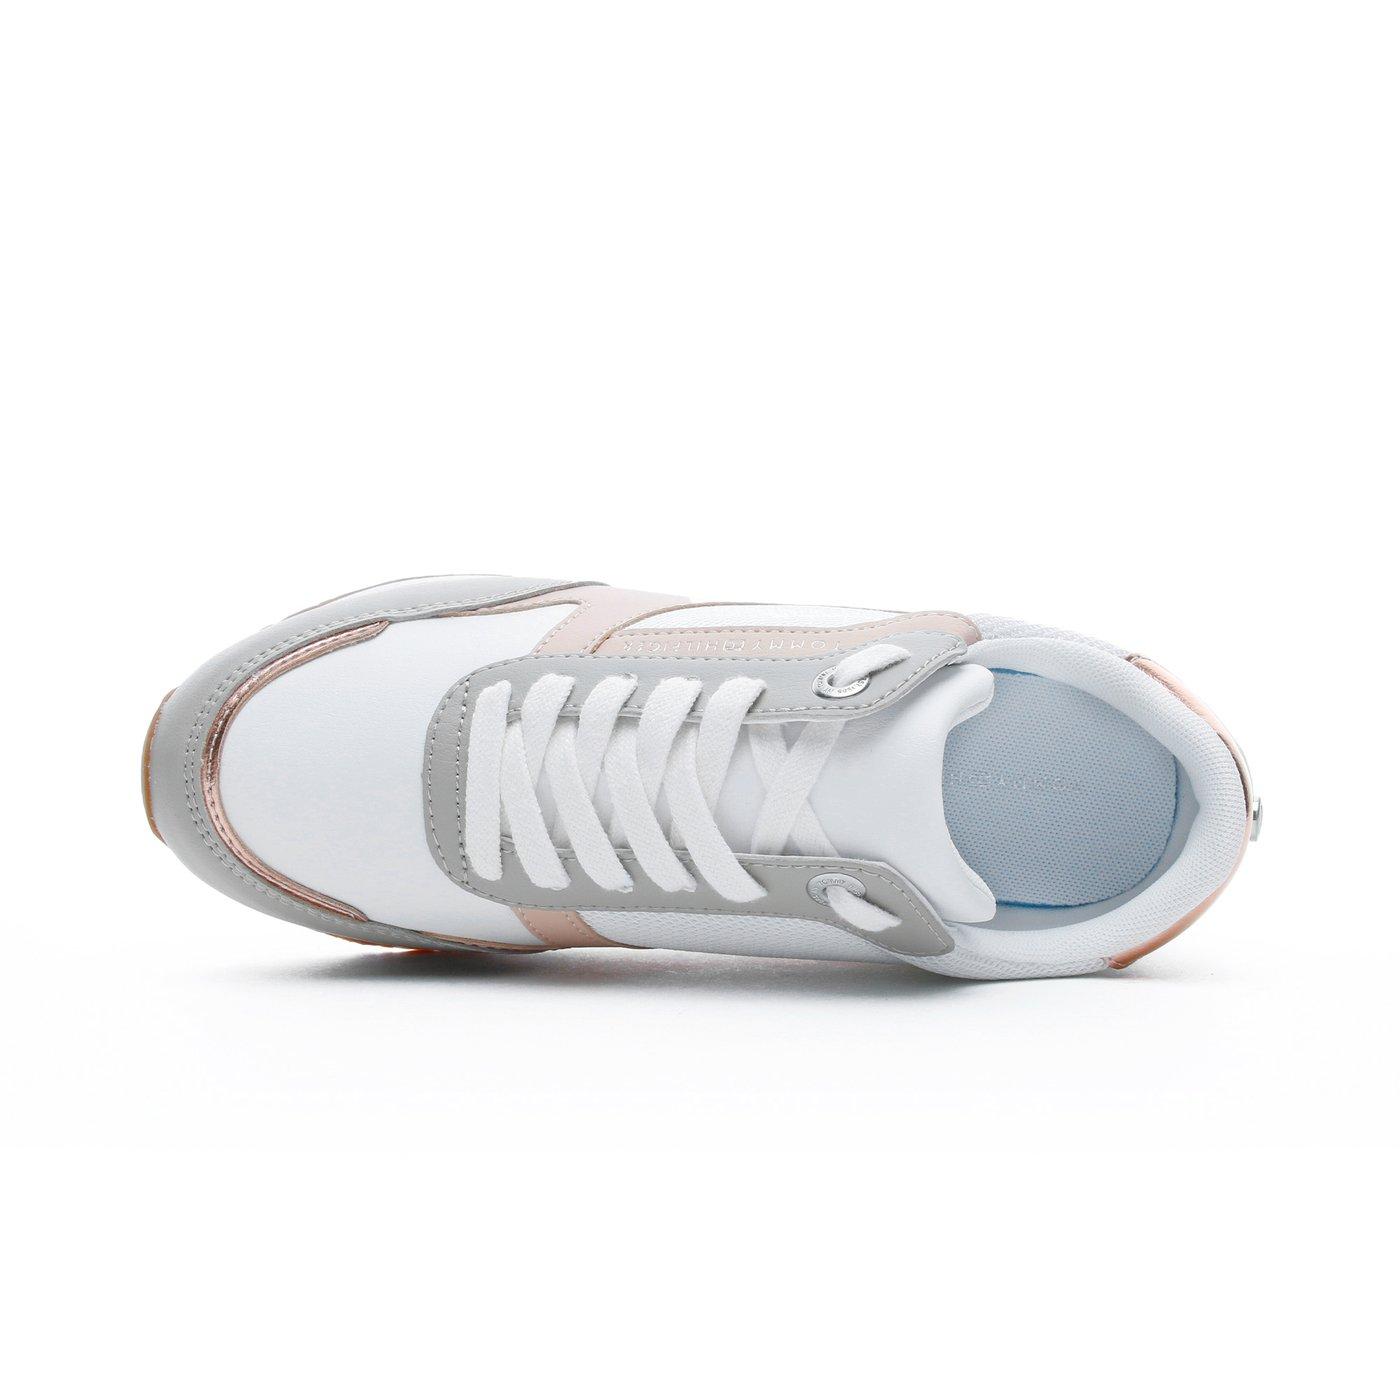 Tommy Hilfiger Monogram Kadın Kahverengi Spor Ayakkabı